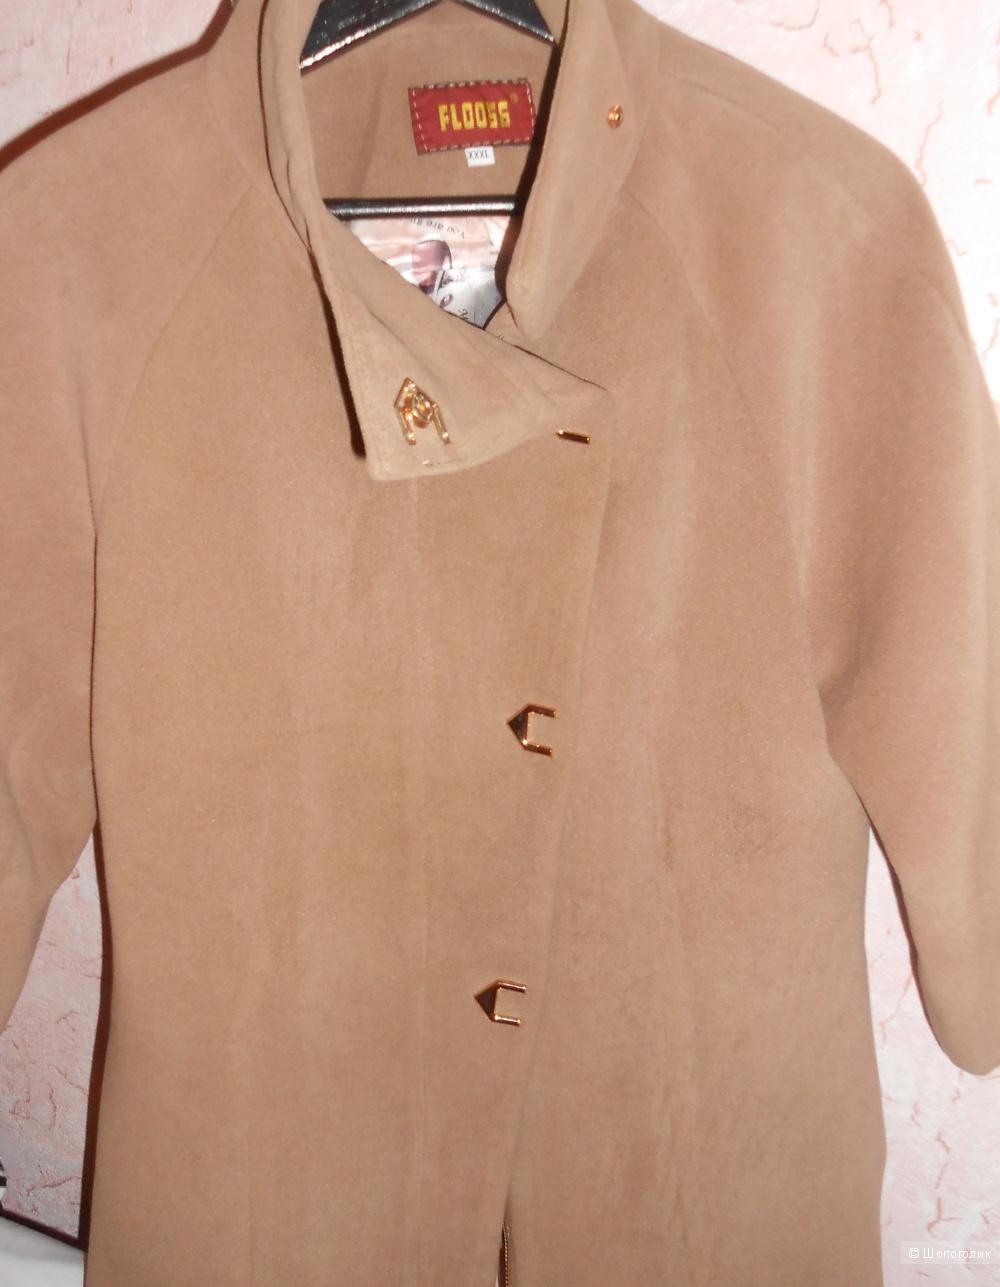 Пальто демисезонное кашемировое  44-46 размера